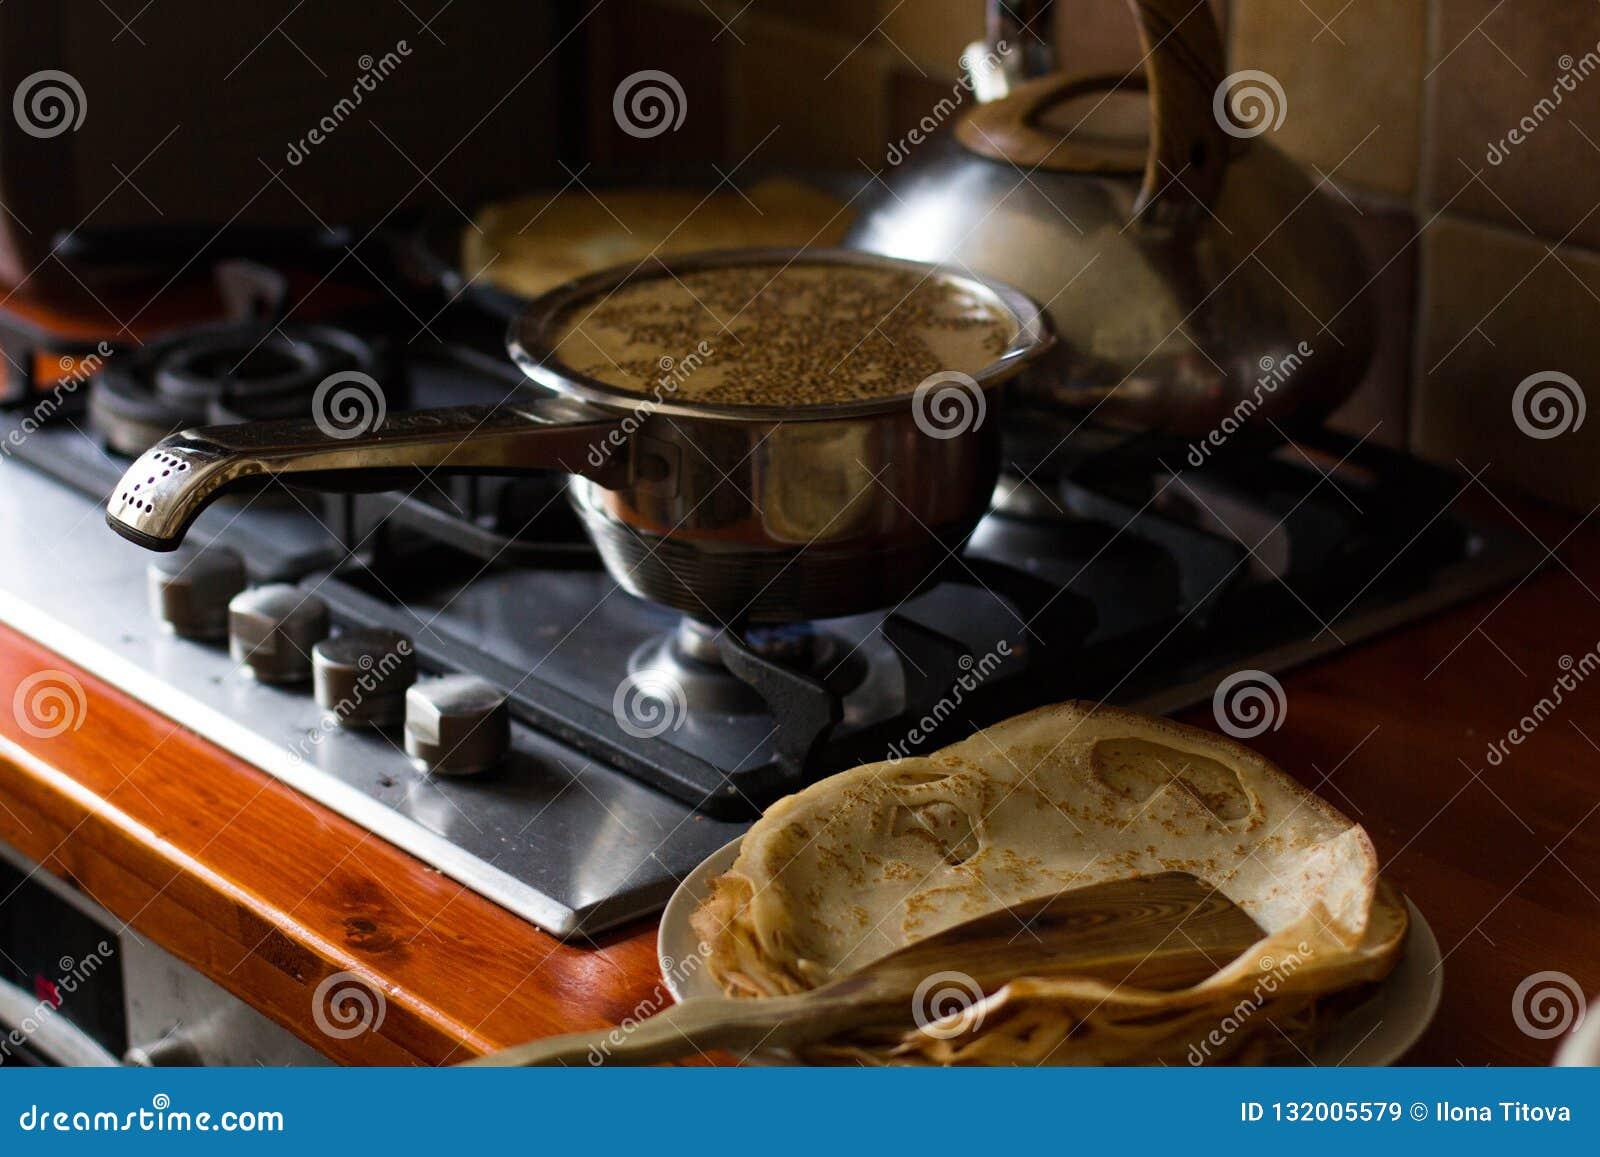 Τηγανίτα που ψήνεται σε ένα τηγανίζοντας τηγάνι, κινηματογράφηση σε πρώτο πλάνο